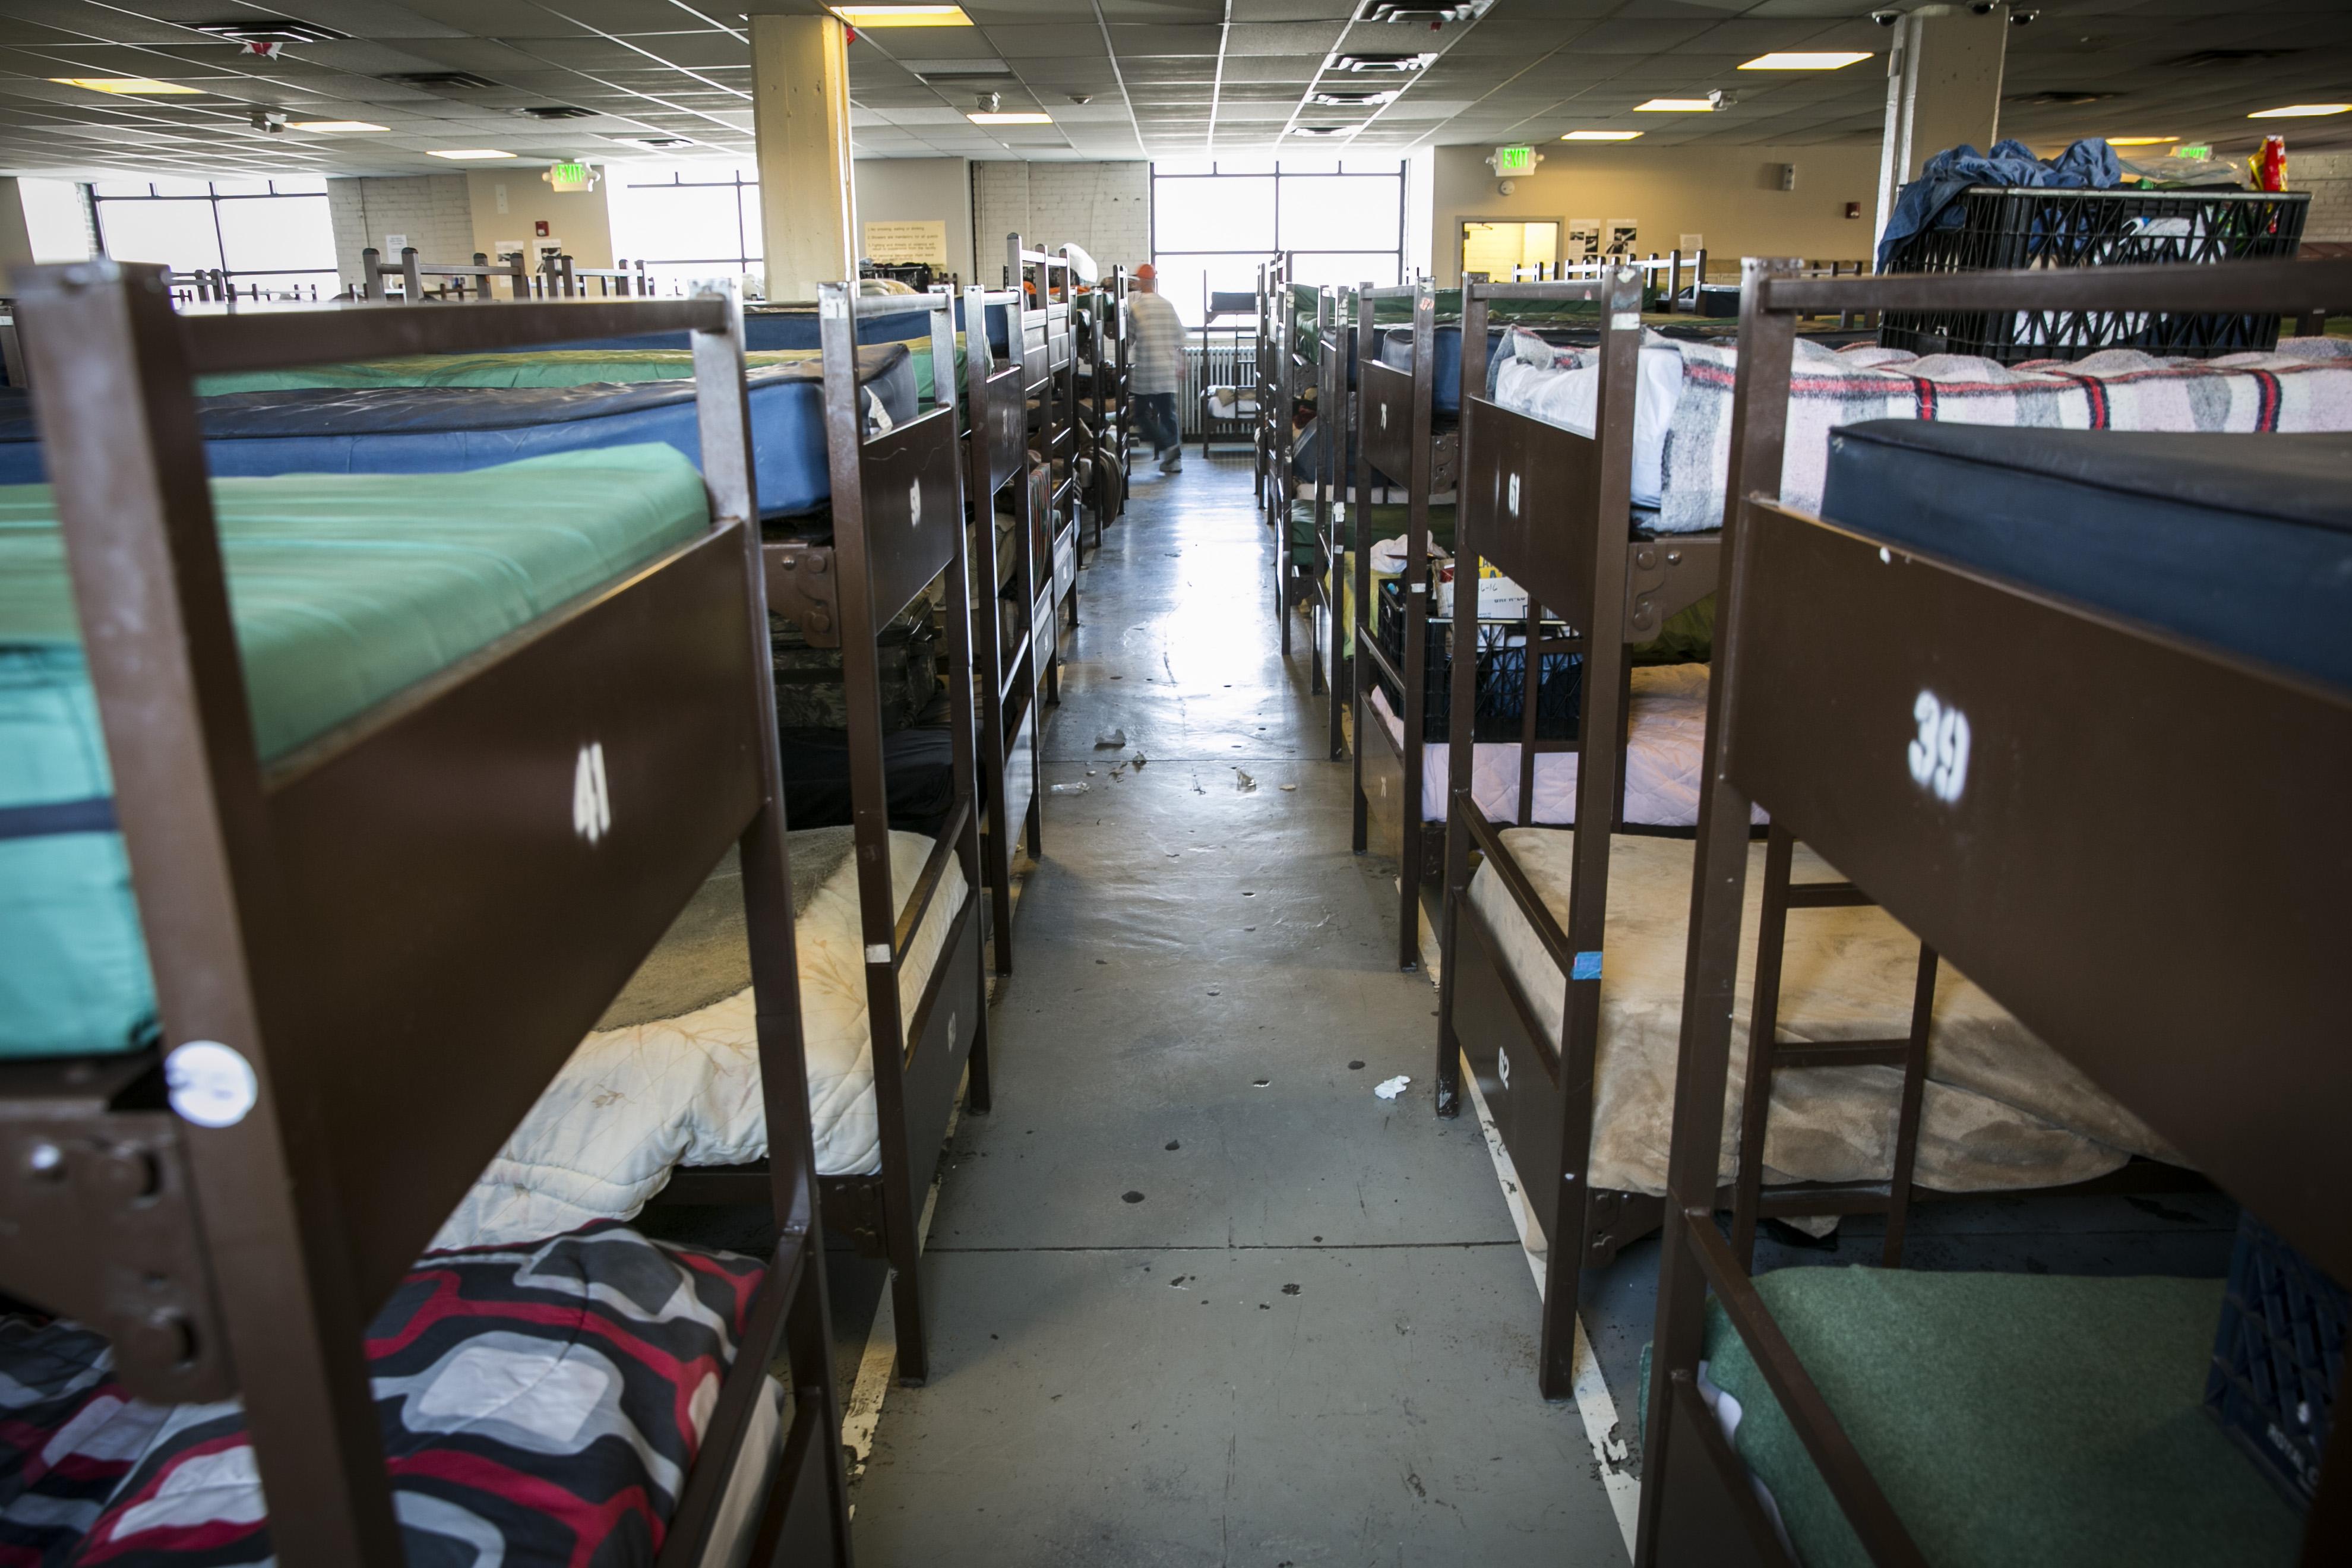 Photo: Denver Homeless 3 | Beds in Denver Rescue Mission